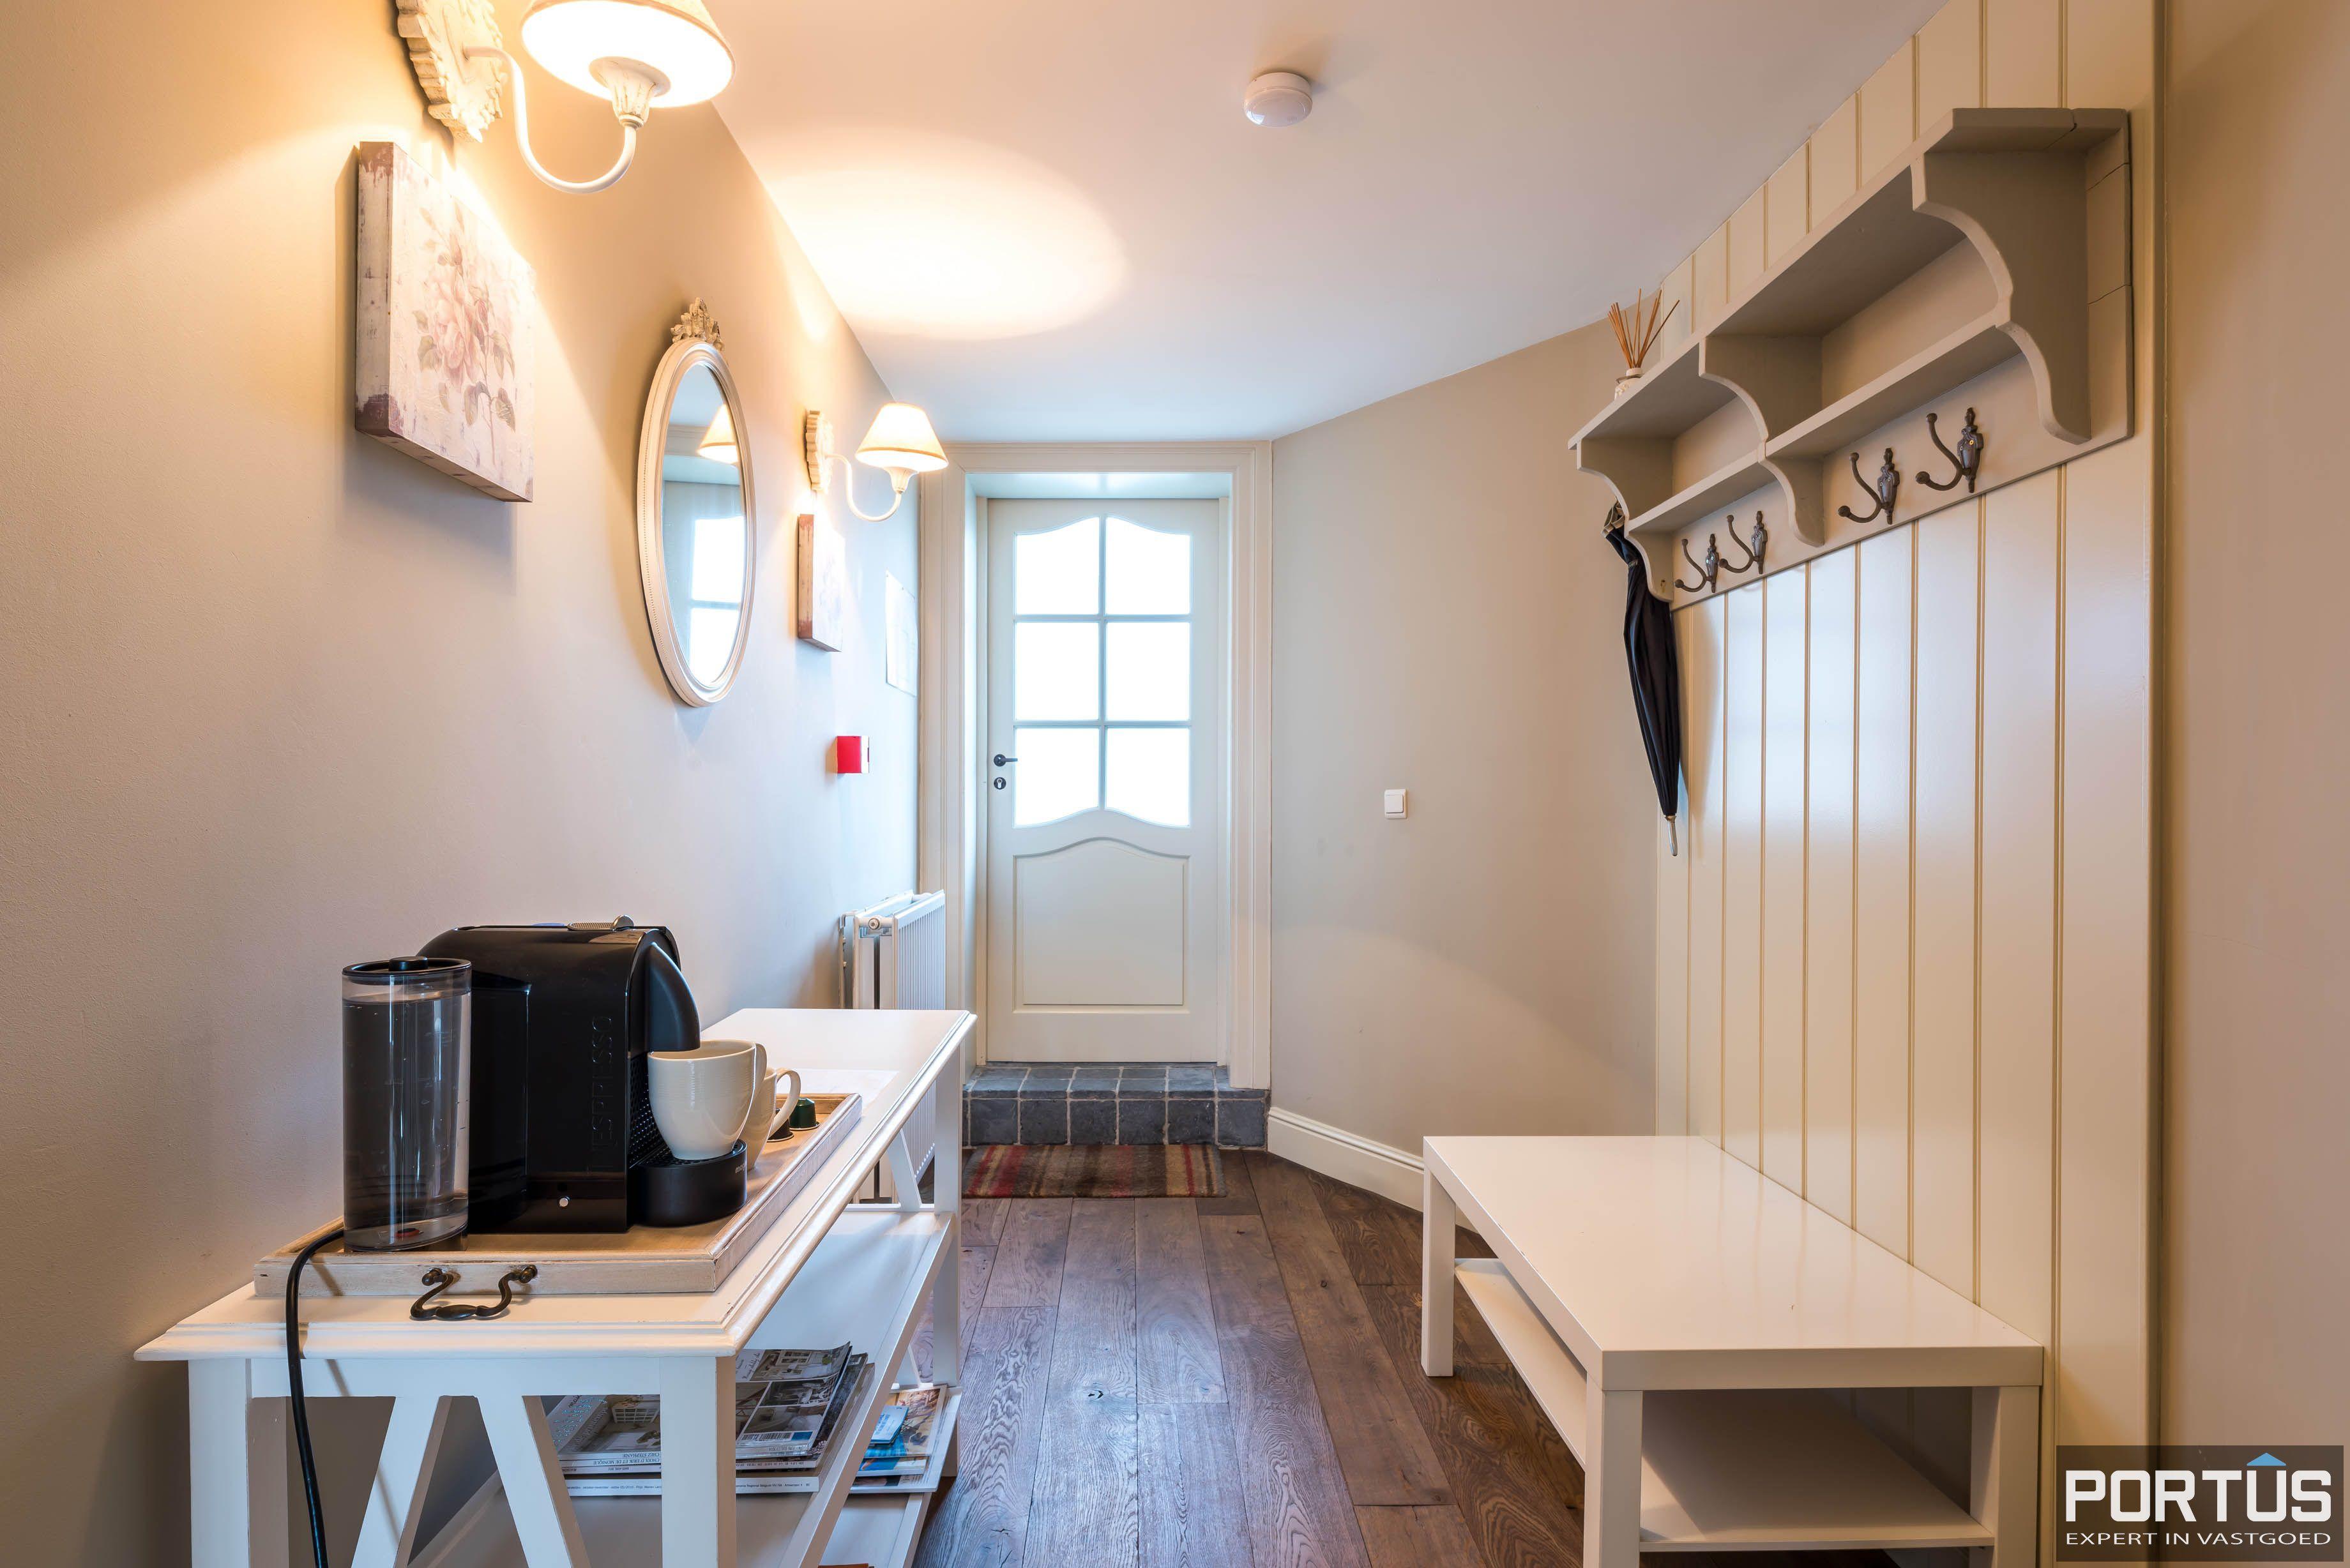 Villa/B&B te koop Westende met 6 slaapkamers - 5457